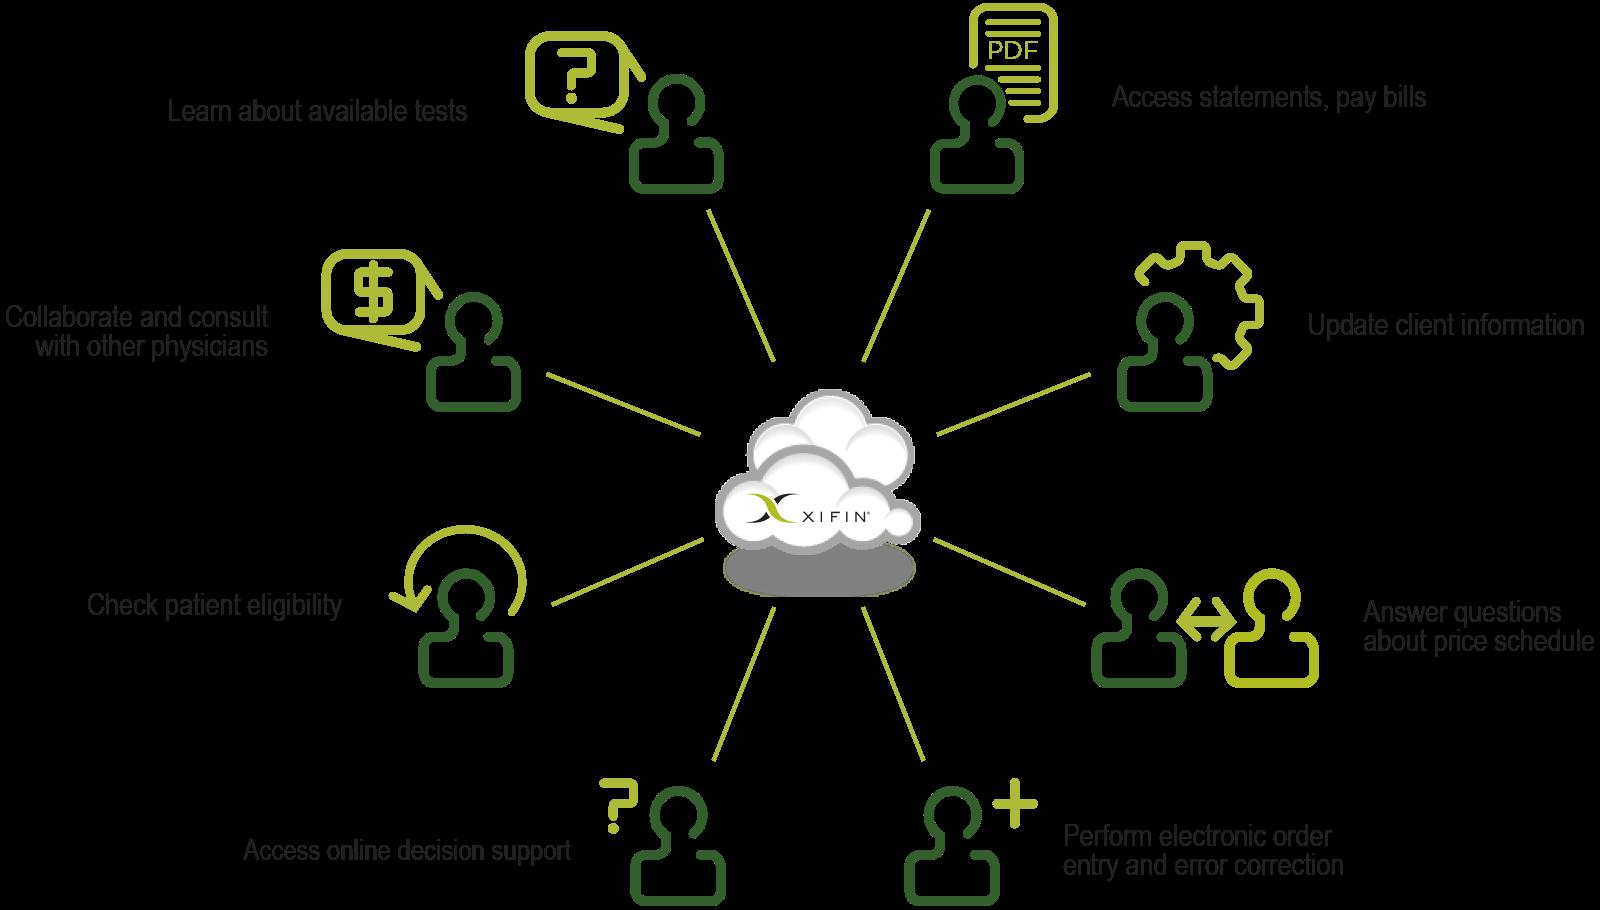 XIFIN iNet Client Portal